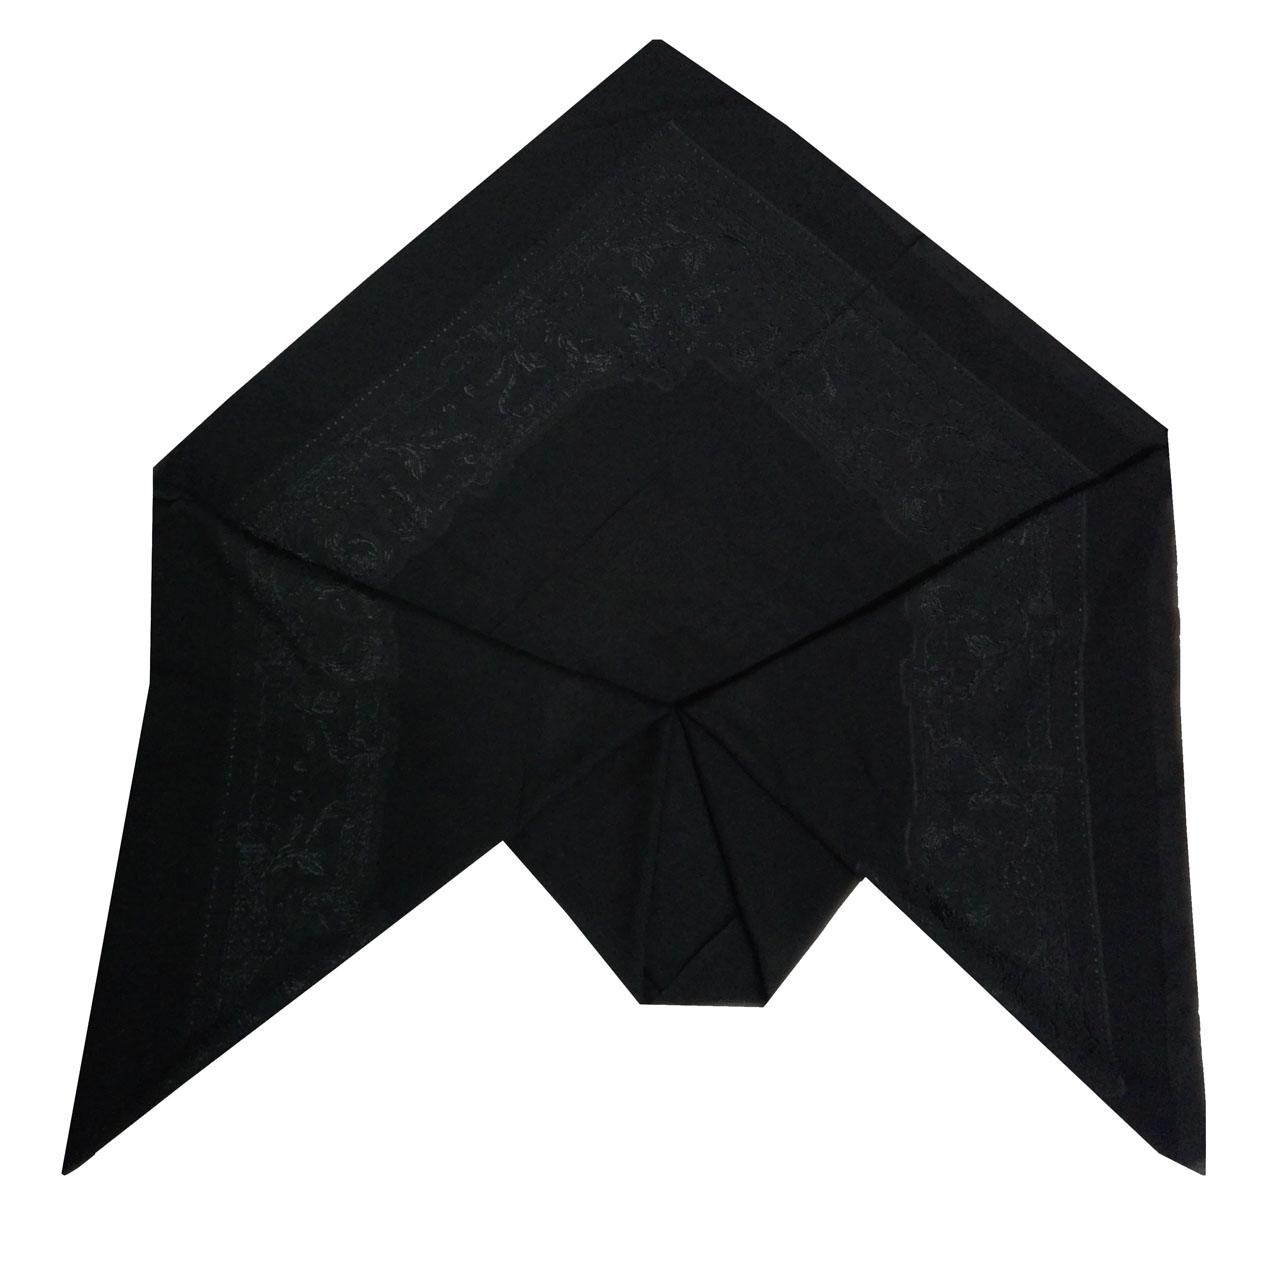 روسری زنانه توتو طرح گل برجسته مدل 03